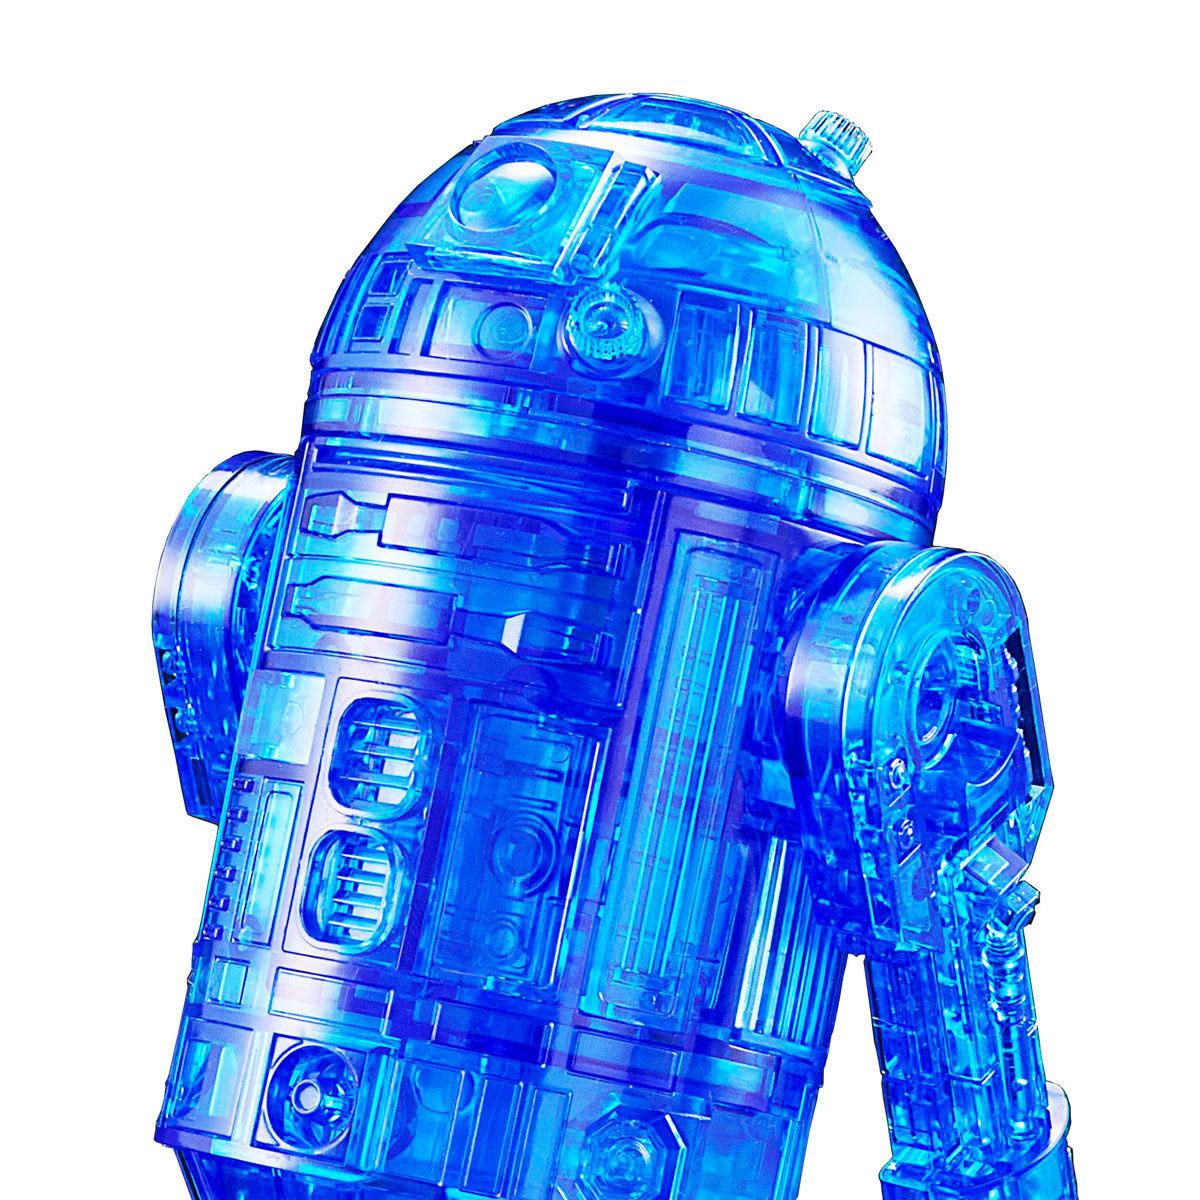 【限定販売】1/12『R2-D2(ホログラムVer.)』スター・ウォーズ プラモデル-010